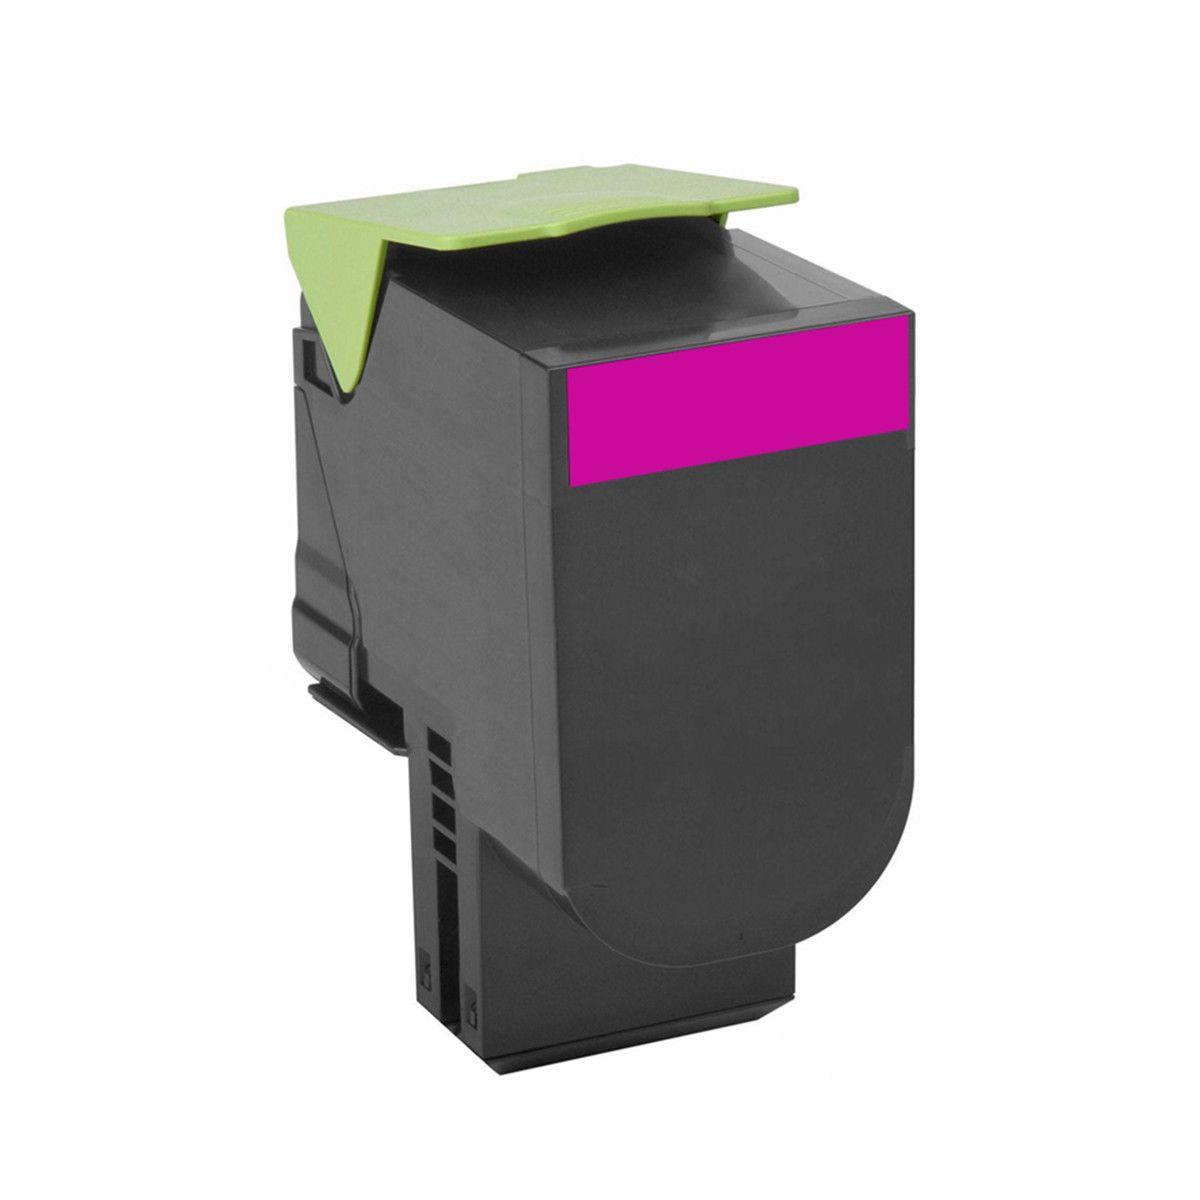 Chip compatível Lexmark [71B4HM0] Magenta - Impressoras: CS417/517 - 3.500 Páginas - Cartucho & Cia